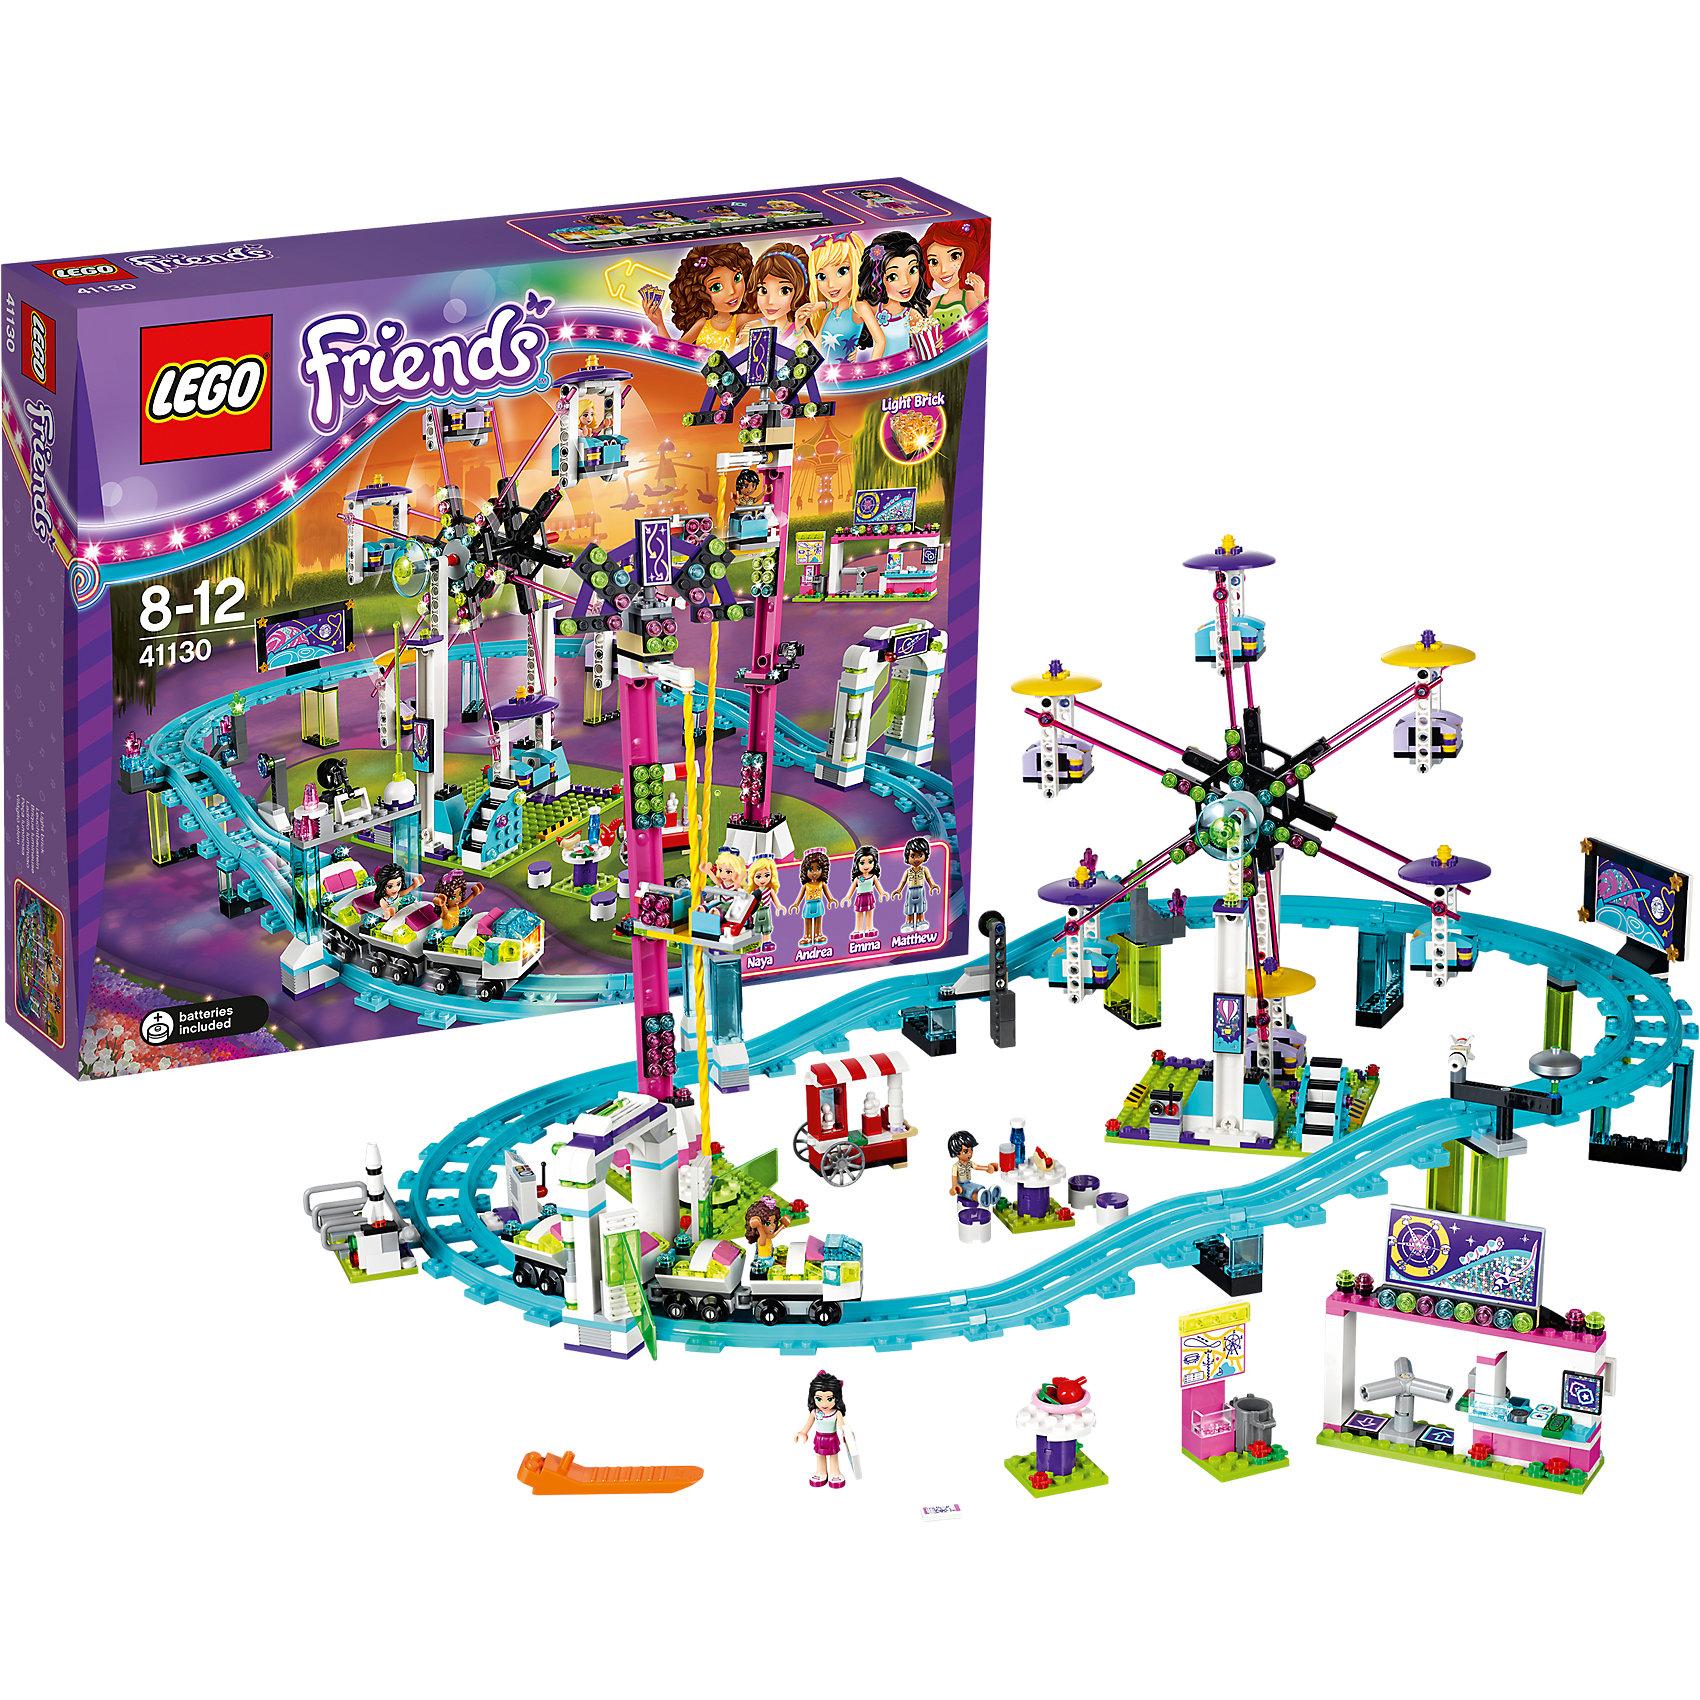 LEGO Friends 41130: Парк развлечений: американские горкиХарактеристики:<br><br>• Предназначение: набор для конструирования, сюжетно-ролевые игры<br>• Пол: для девочек<br>• Материал: пластик<br>• Цвет: бирюзовый, желтый, зеленый, сиреневый, белый, черный<br>• Серия LEGO: Friends<br>• Размер упаковки (Д*Ш*В): 9,4*37,8*48 см<br>• Вес: 1 кг 620 г<br>• Количество деталей: 1124 шт.<br>• Наличие светового эффекта<br>• Комплектация: детали для колеса обозрения, американских горок, башни свободного падения, кассы с входом и фуд-корта, информационный стенд, 4 мини-фигурки и другие аксессуары<br>• Батарейки: 2 шт. типа LR41 (предусмотрены в комплекте)<br><br>LEGO Friends 41130: Парк развлечений: американские горки – набор от всемирно известного производителя конструкторов для детей всех возрастных категорий. LEGO Creator 31051: Парк развлечений является флагманским набором серии Friends. Элементы конструктора позволяют сконструировать парк с различными аттракционами: колесо обозрения, американские горки, башня свободного падения. Колесо обозрения вращается, оснащено шестью кабинками. Разнообразие и богатство элементов позволят воссоздавать юному конструктору атрибуты городского парка развлечений: тележка с мороженым, фуд-корт, где можно перекусить хот-догами и фруктами. В комплекте предусмотрена яркая инструкция, которая научит вашего ребенка действовать по образцу. Набор оснащен светодиодным блоком, который светится при запуске аттракциона с горками.<br>Игры с конструкторами LEGO развивают усидчивость, внимательность, мелкую моторику рук, способствуют формированию конструкторского мышления. С набором LEGO Friends 41130: Парк развлечений: американские горки ваш ребенок сможет придумывать целые сюжетные истории, развивая тем самым воображение и обогащая свой словарный запас. <br><br>LEGO Friends 41130: Парк развлечений: американские горки можно купить в нашем интернет-магазине.<br><br>Ширина мм: 474<br>Глубина мм: 375<br>Высота мм: 96<br>Вес г: 1690<br>Возраст от месяцев: 96<br